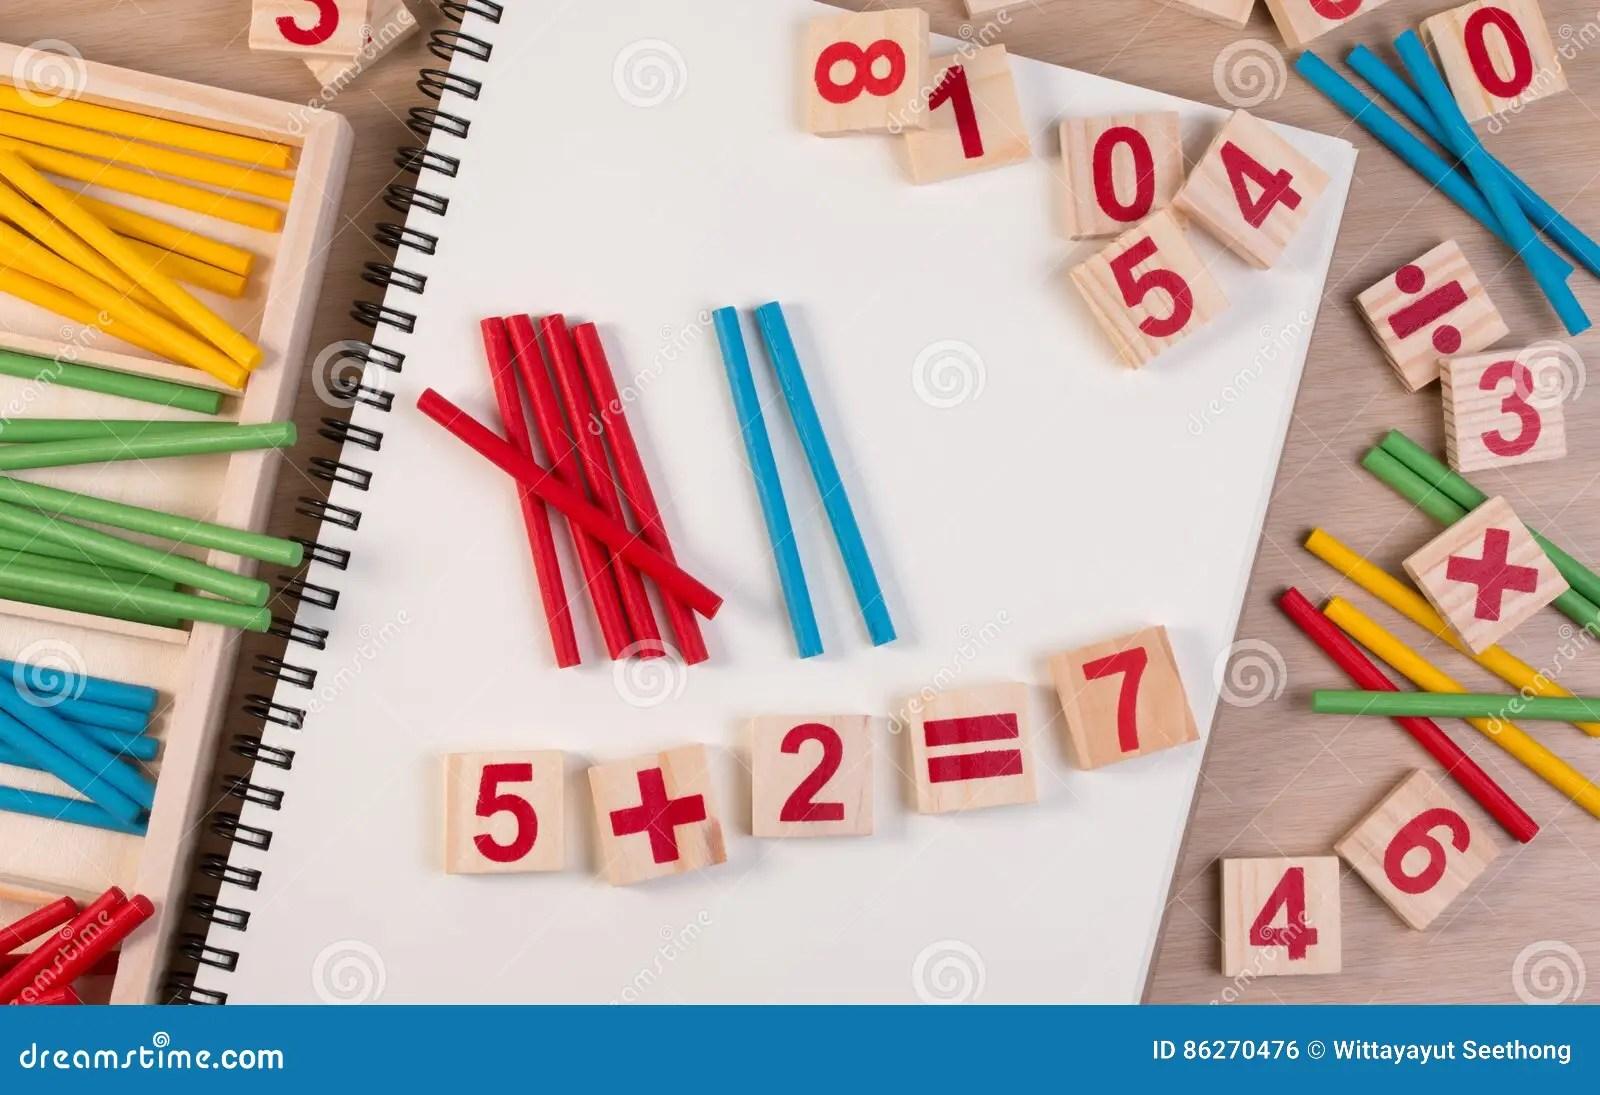 Math Class For Kids